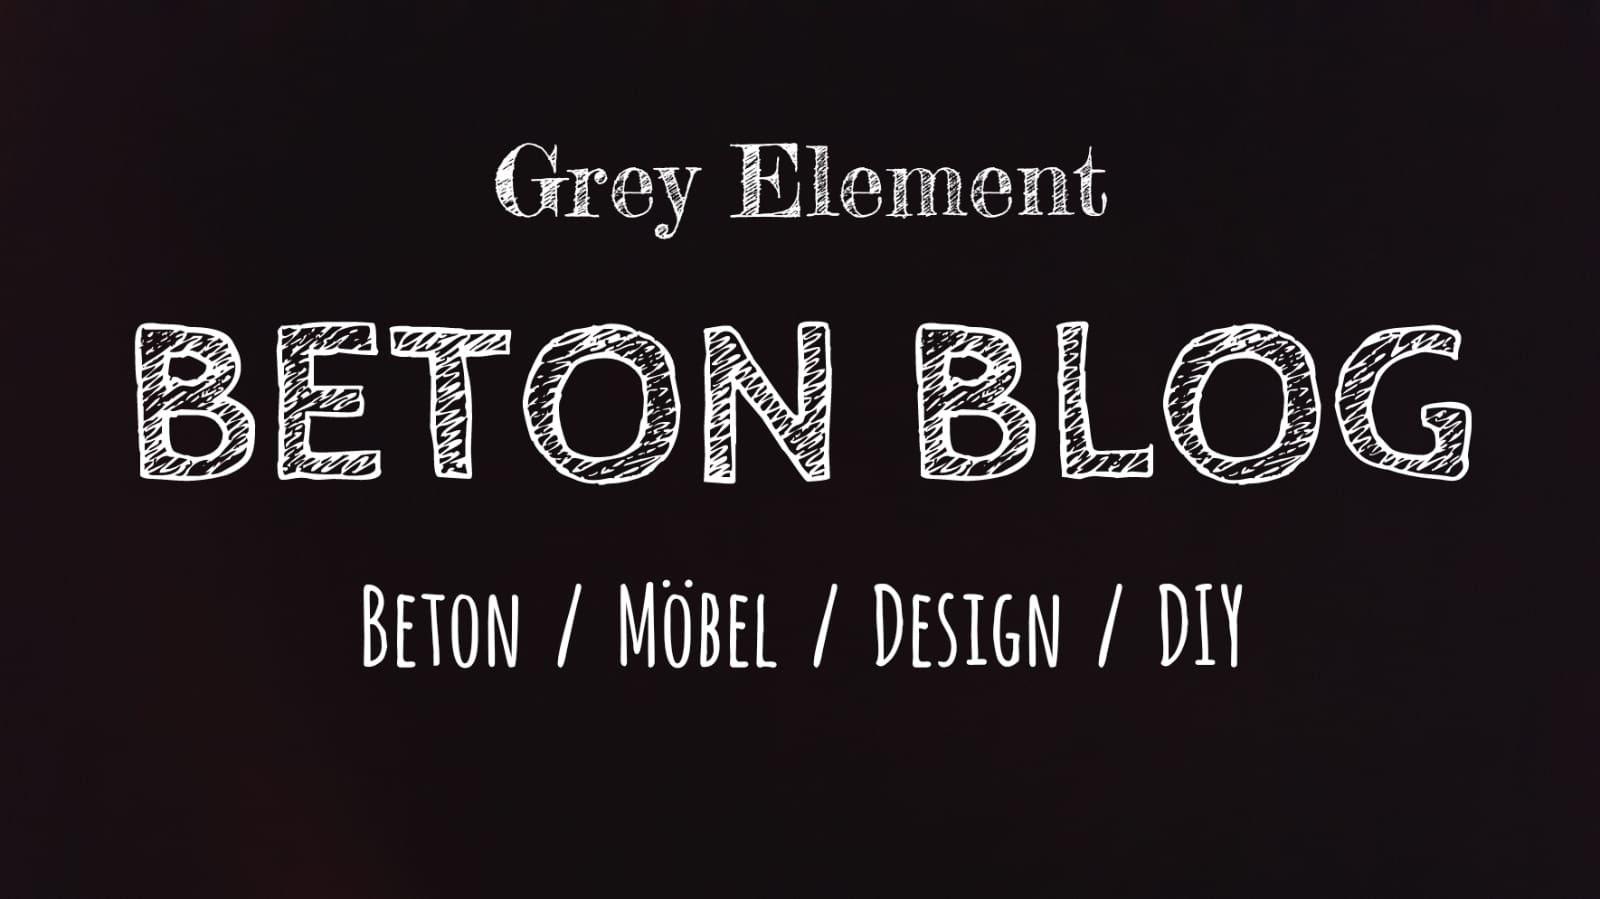 welchen beton kann ich zur herstellung von betonm beln verwenden betonm bel einfach selber. Black Bedroom Furniture Sets. Home Design Ideas